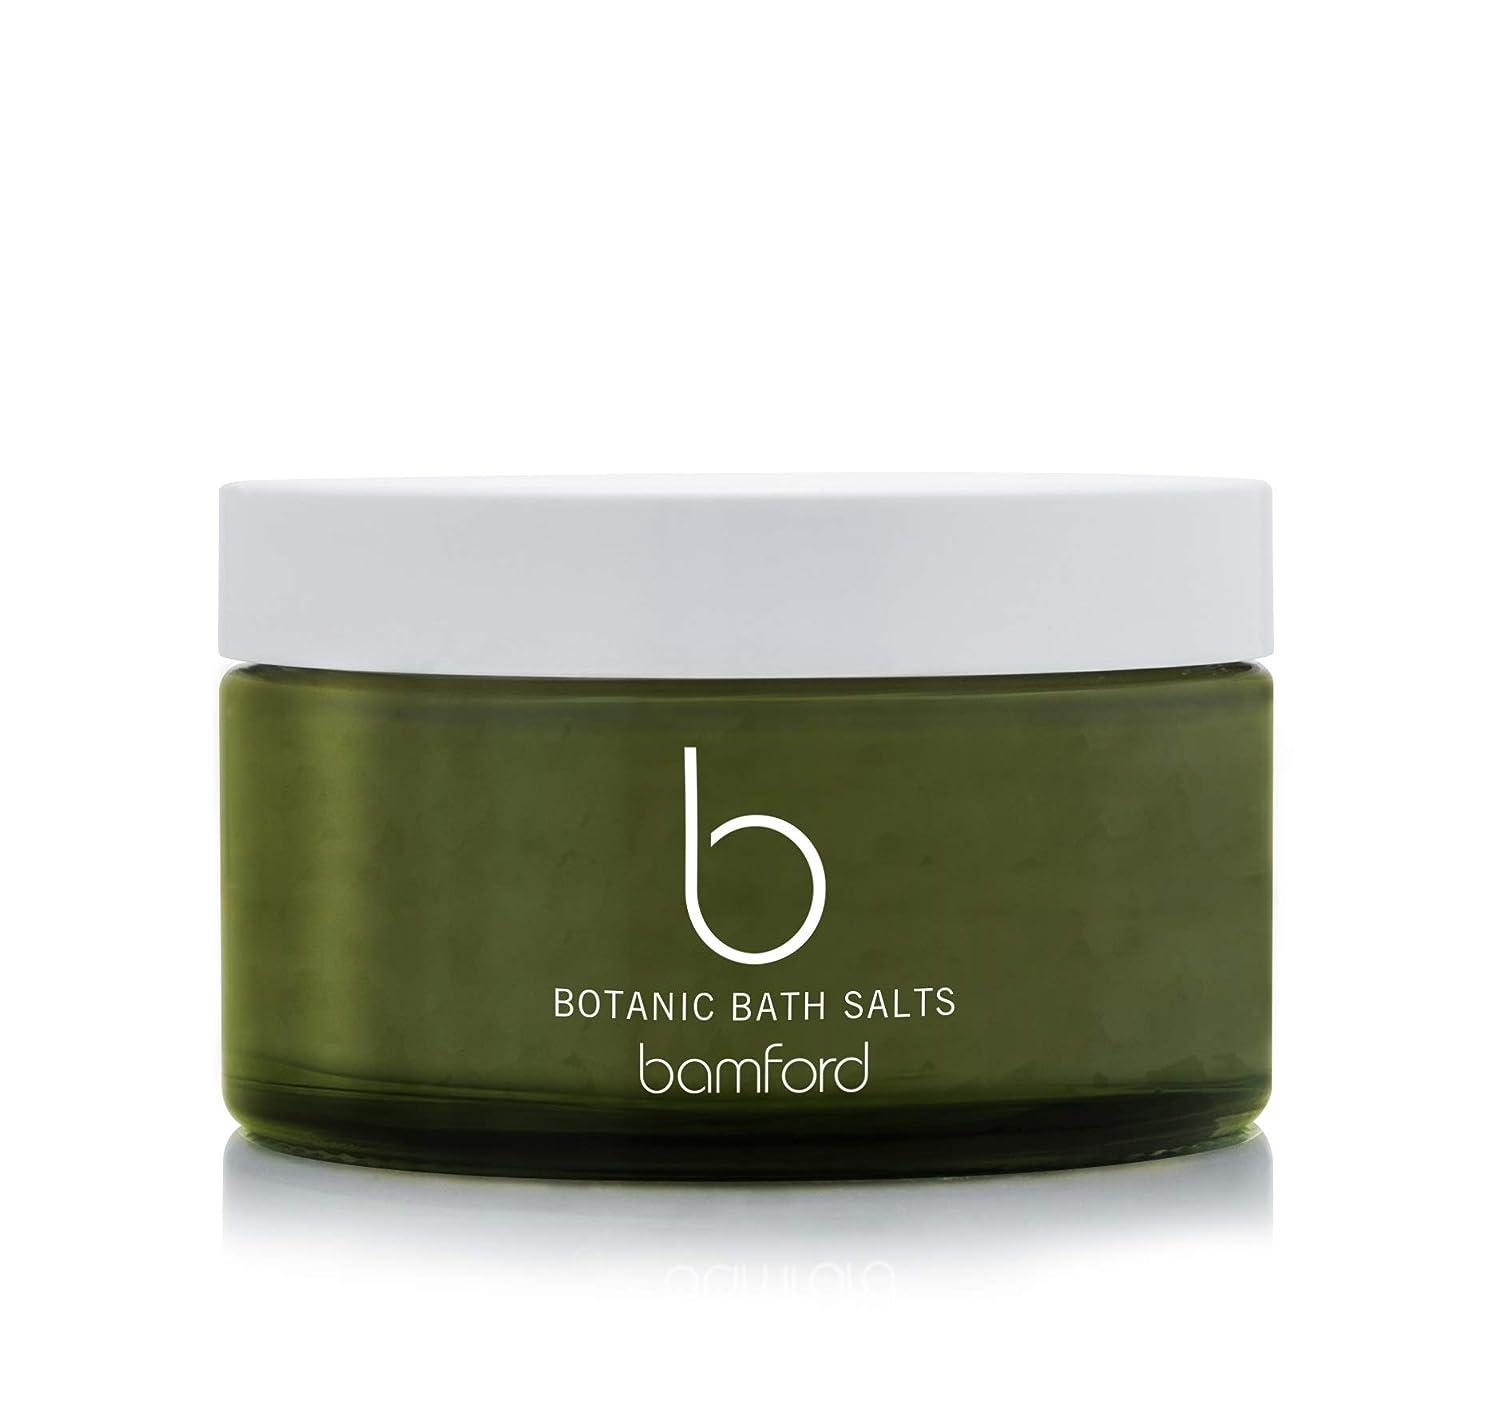 付添人キャンセル鈍いbamford(バンフォード) ボタニックバスソルト 入浴剤 250g